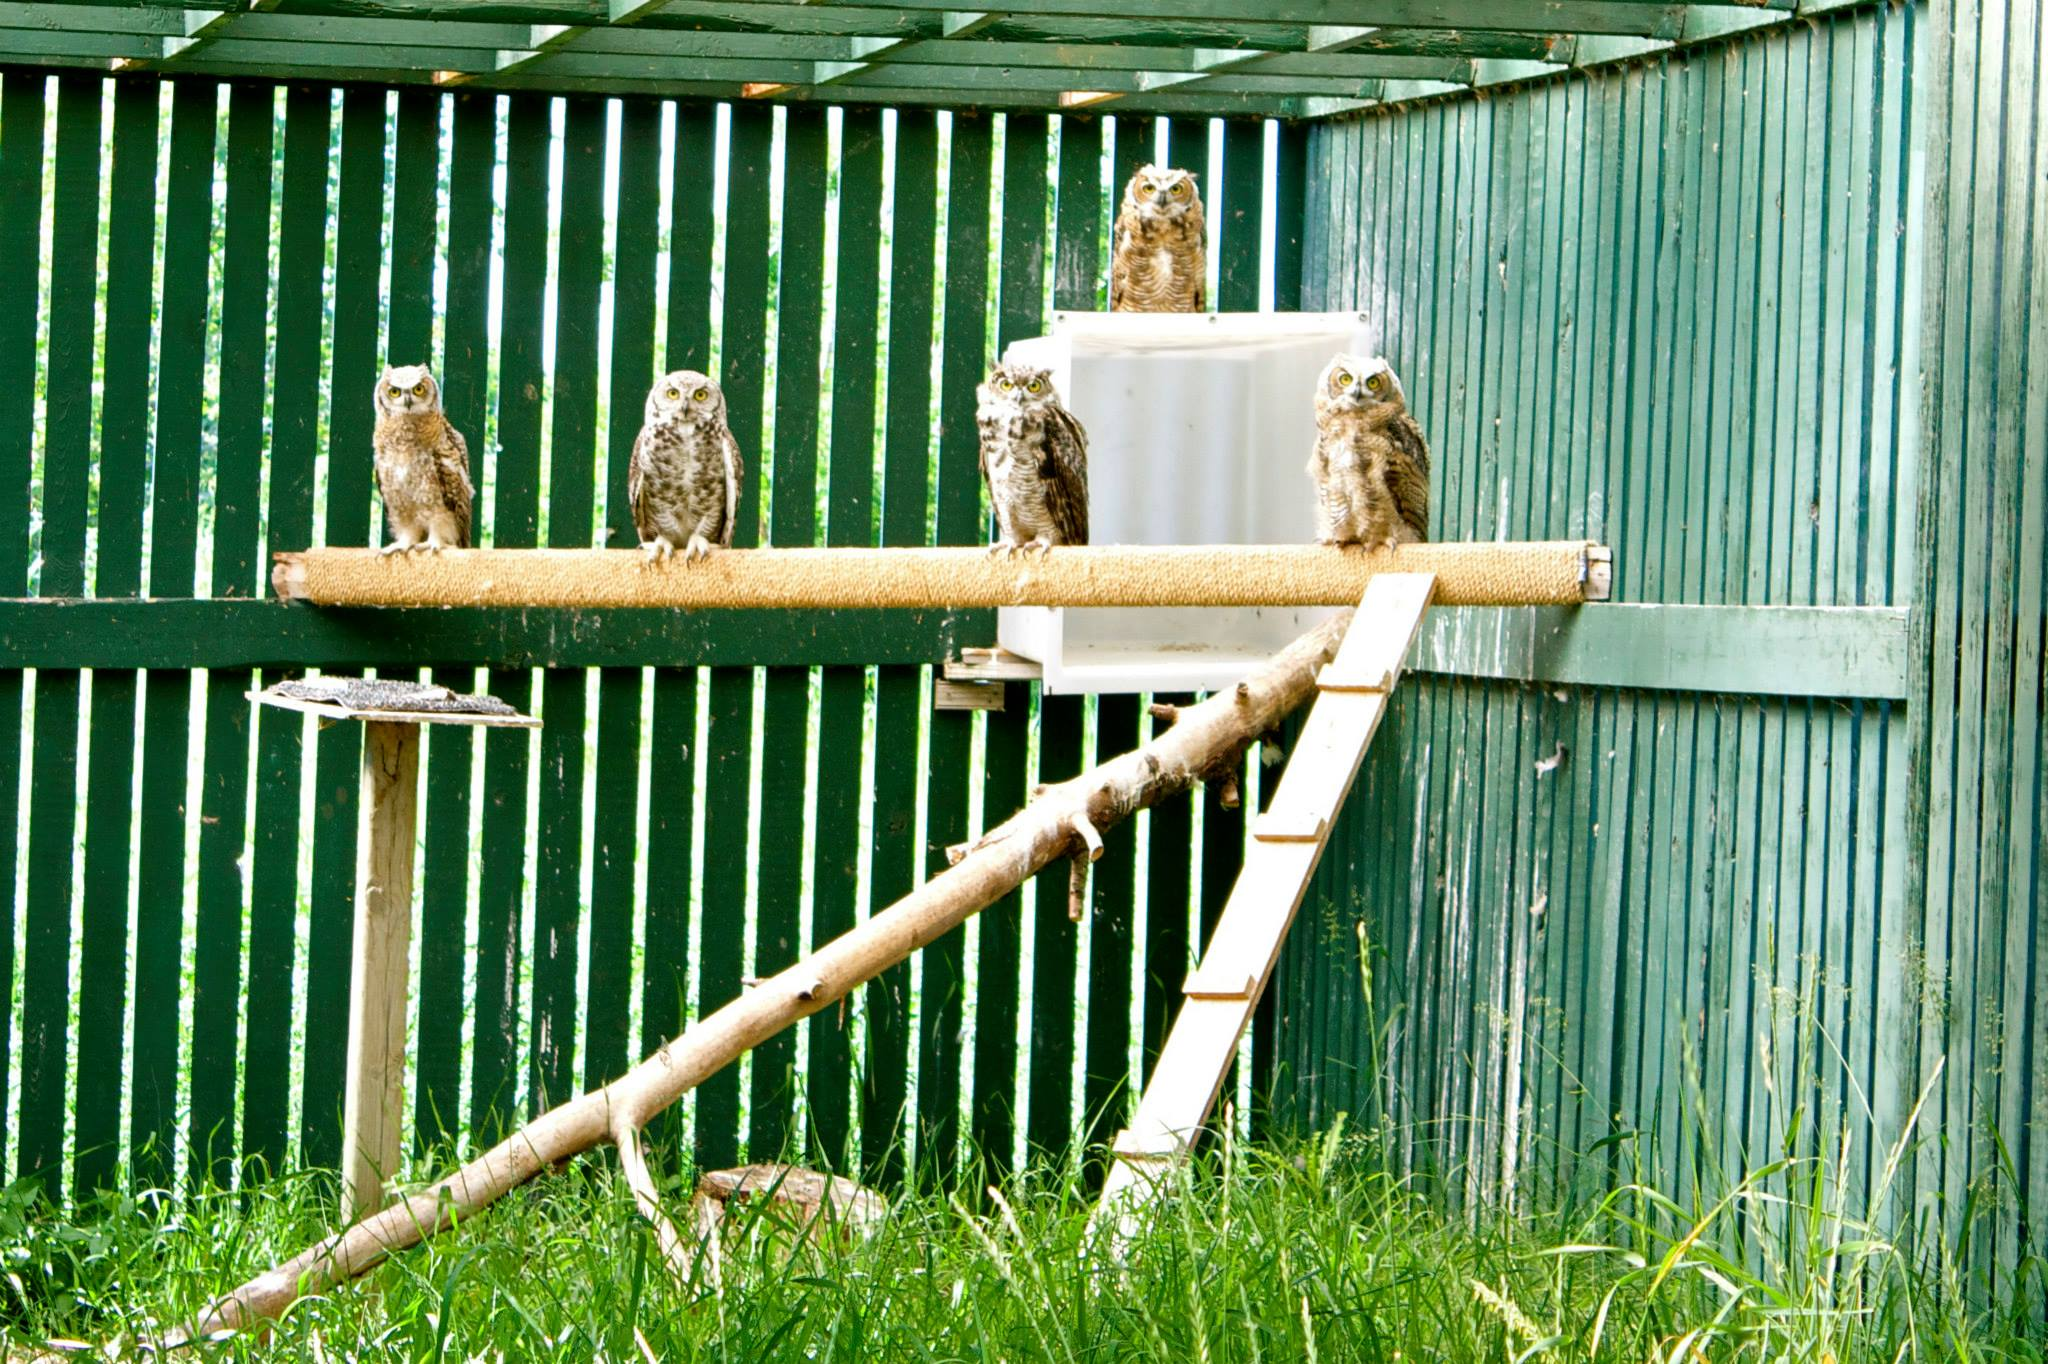 003 - Owls